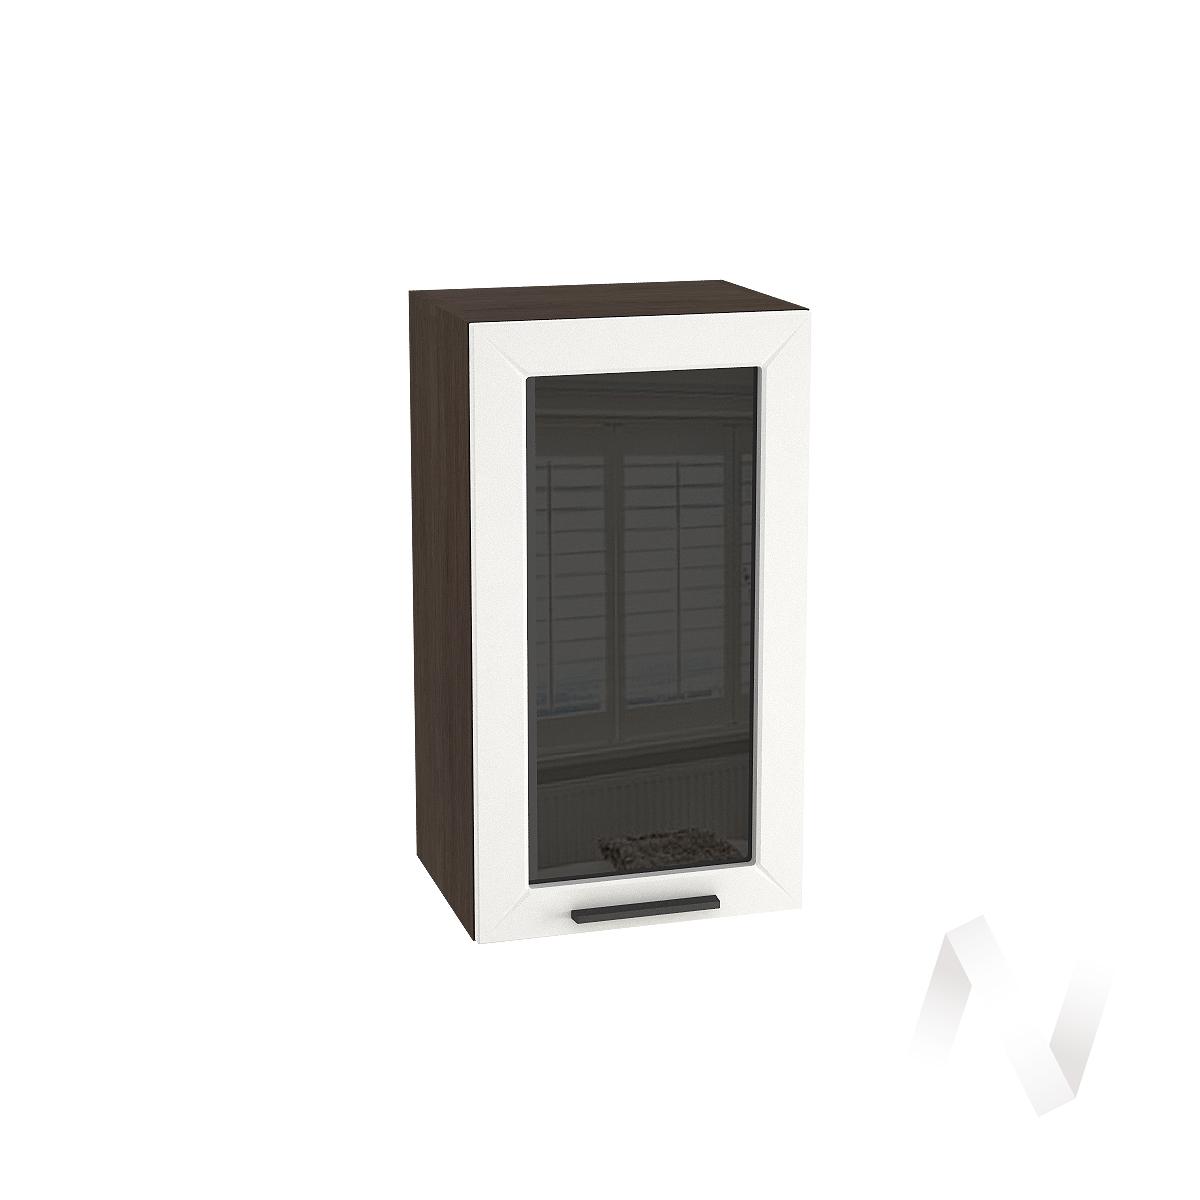 """Кухня """"Глетчер"""": Шкаф верхний со стеклом 400, ШВС 400 (Айленд Силк/корпус венге)"""